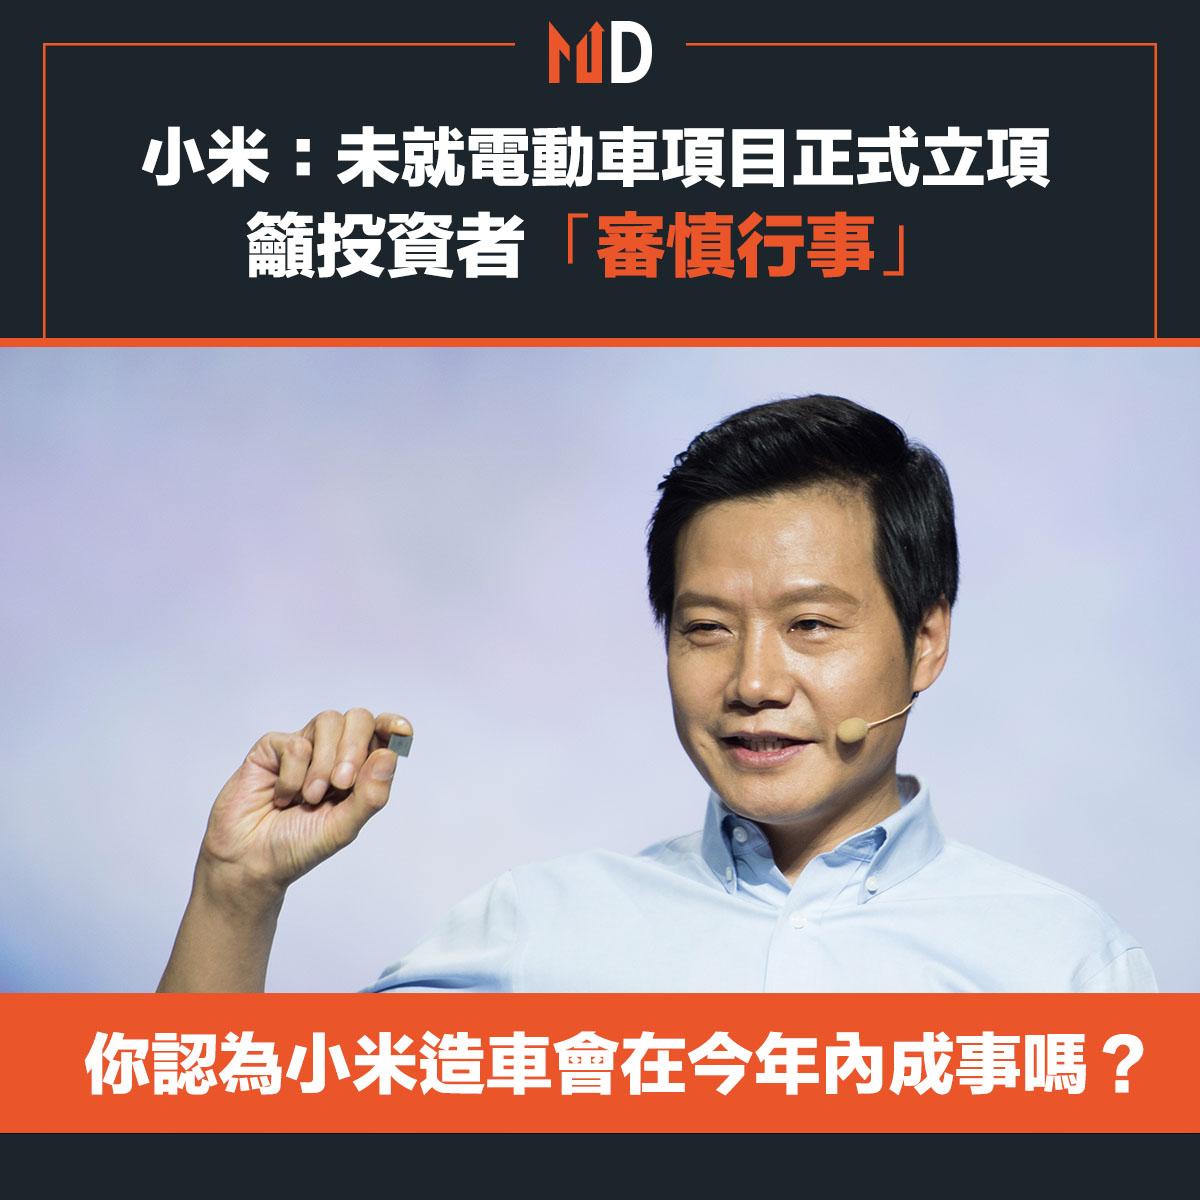 【#空歡喜?】小米:未就電動車項目正式立項,籲投資者「審慎行事」